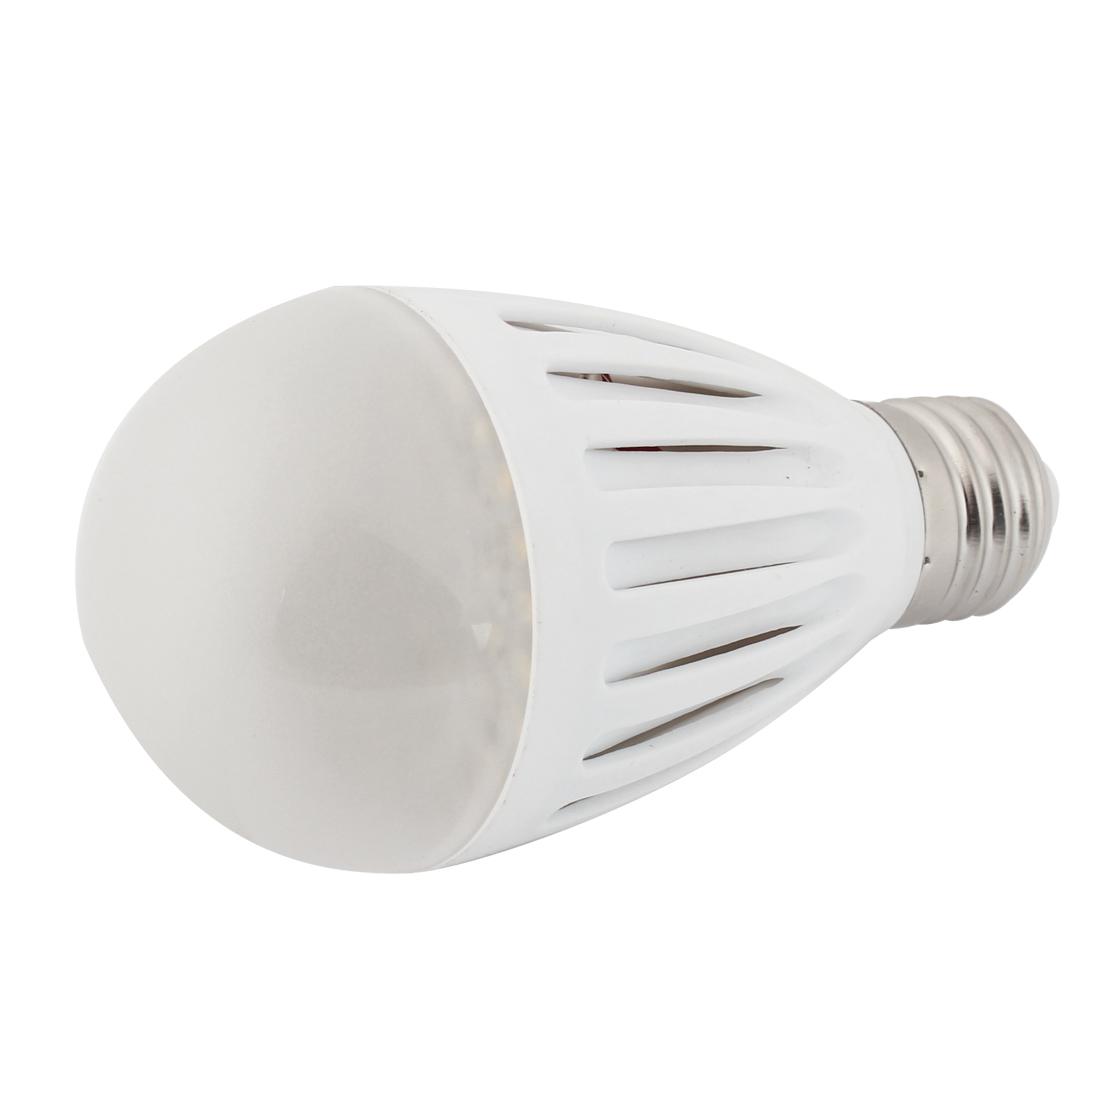 Family Bedroom 4W Energy Saving Warm White 60 LEDs Light Lamp Bulb